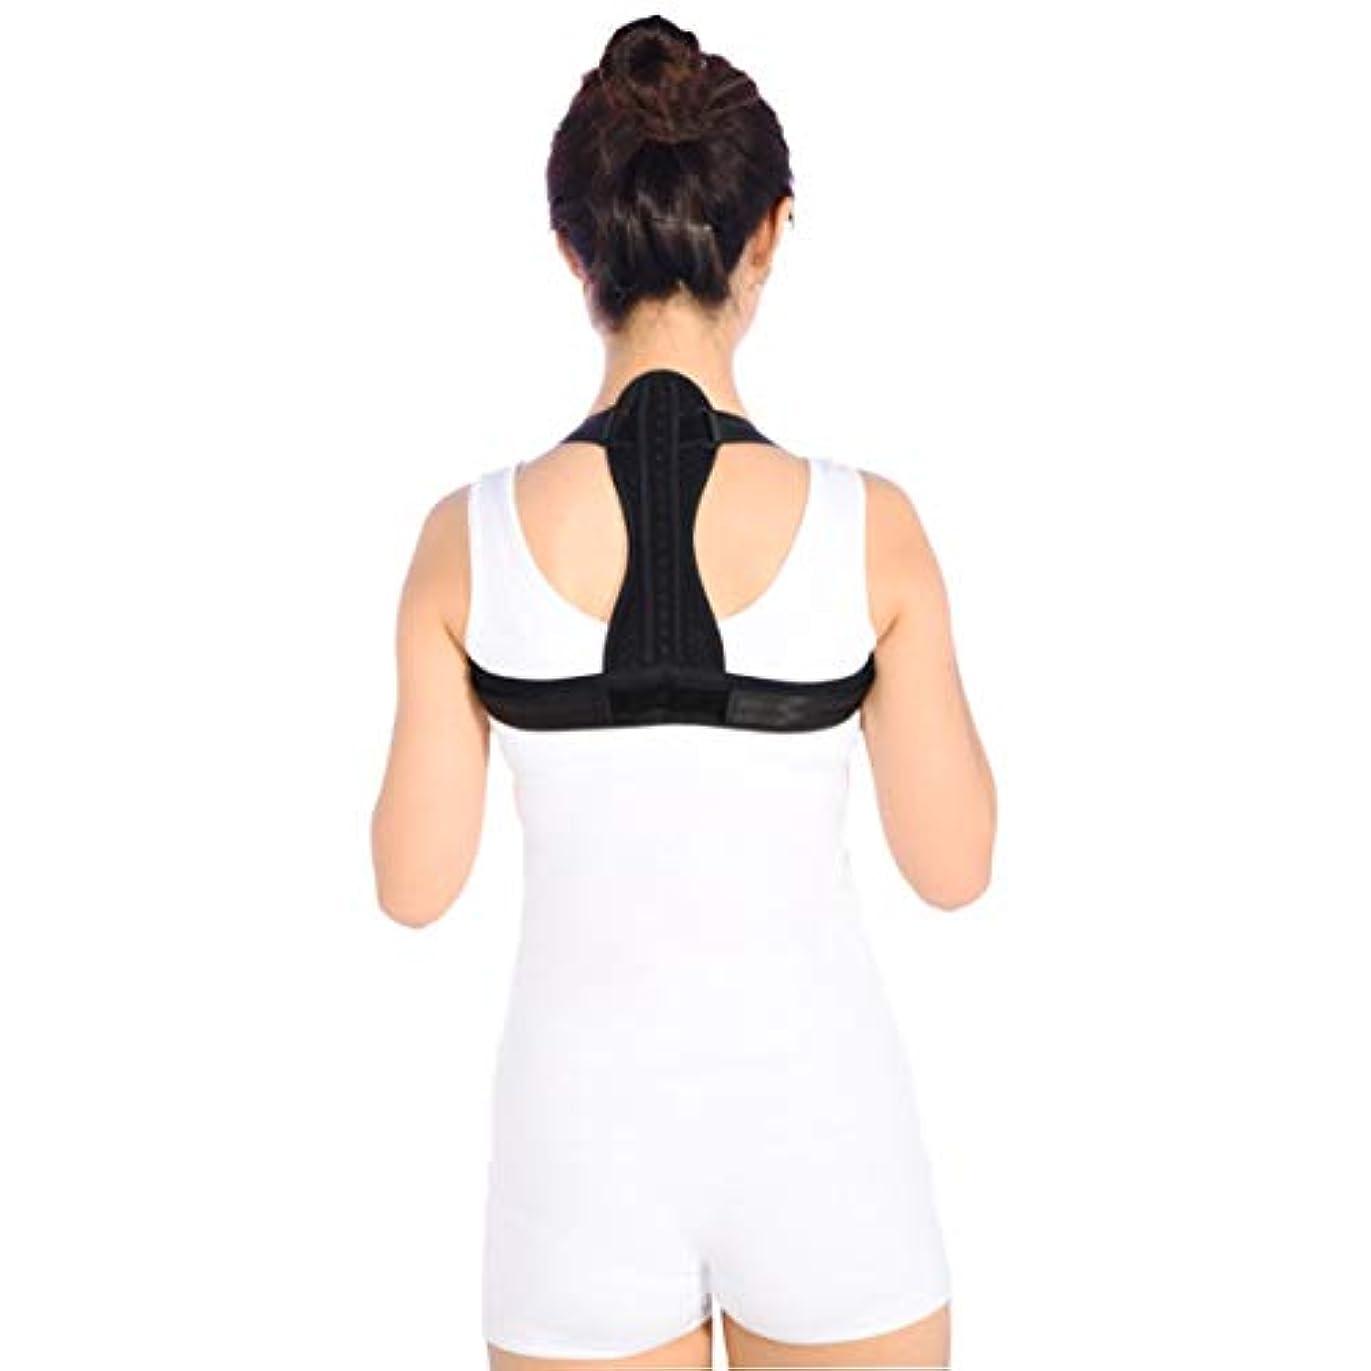 リマーク重荷ピア通気性の脊柱側弯症ザトウクジラ補正ベルト調節可能な快適さ目に見えないベルト男性女性大人学生子供 - 黒